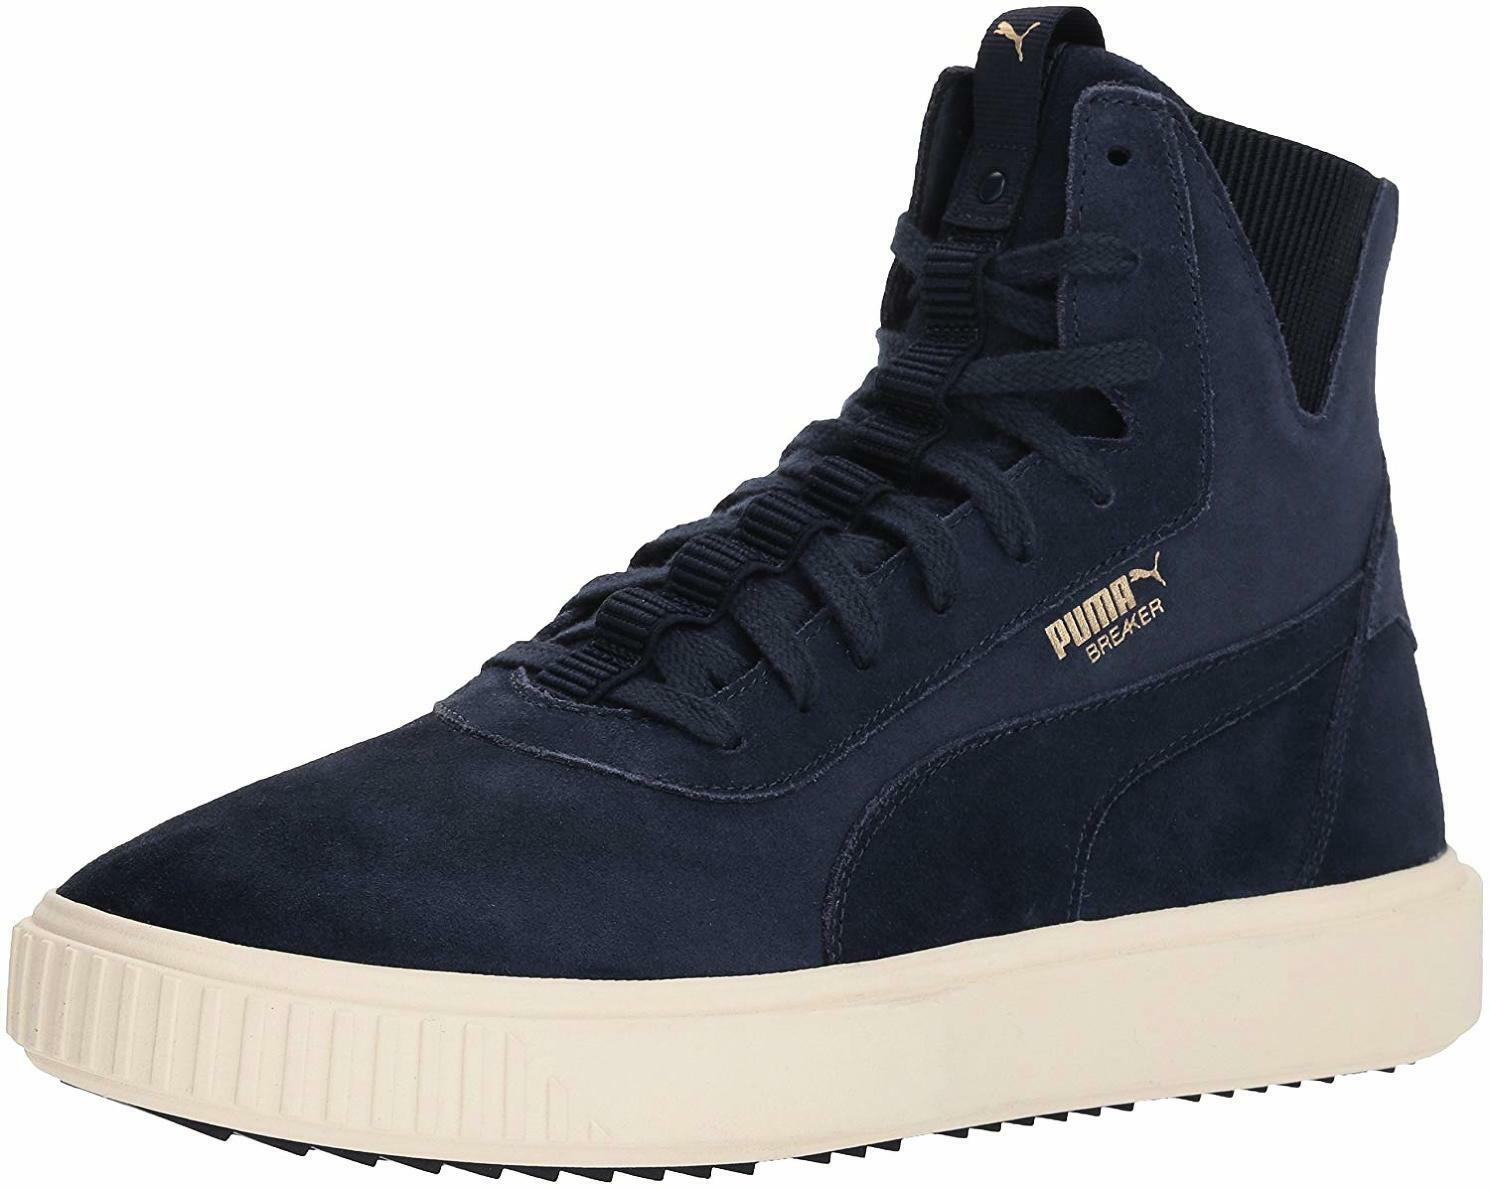 PUMA Men's Breaker Hi Sneaker - Choose SZ color